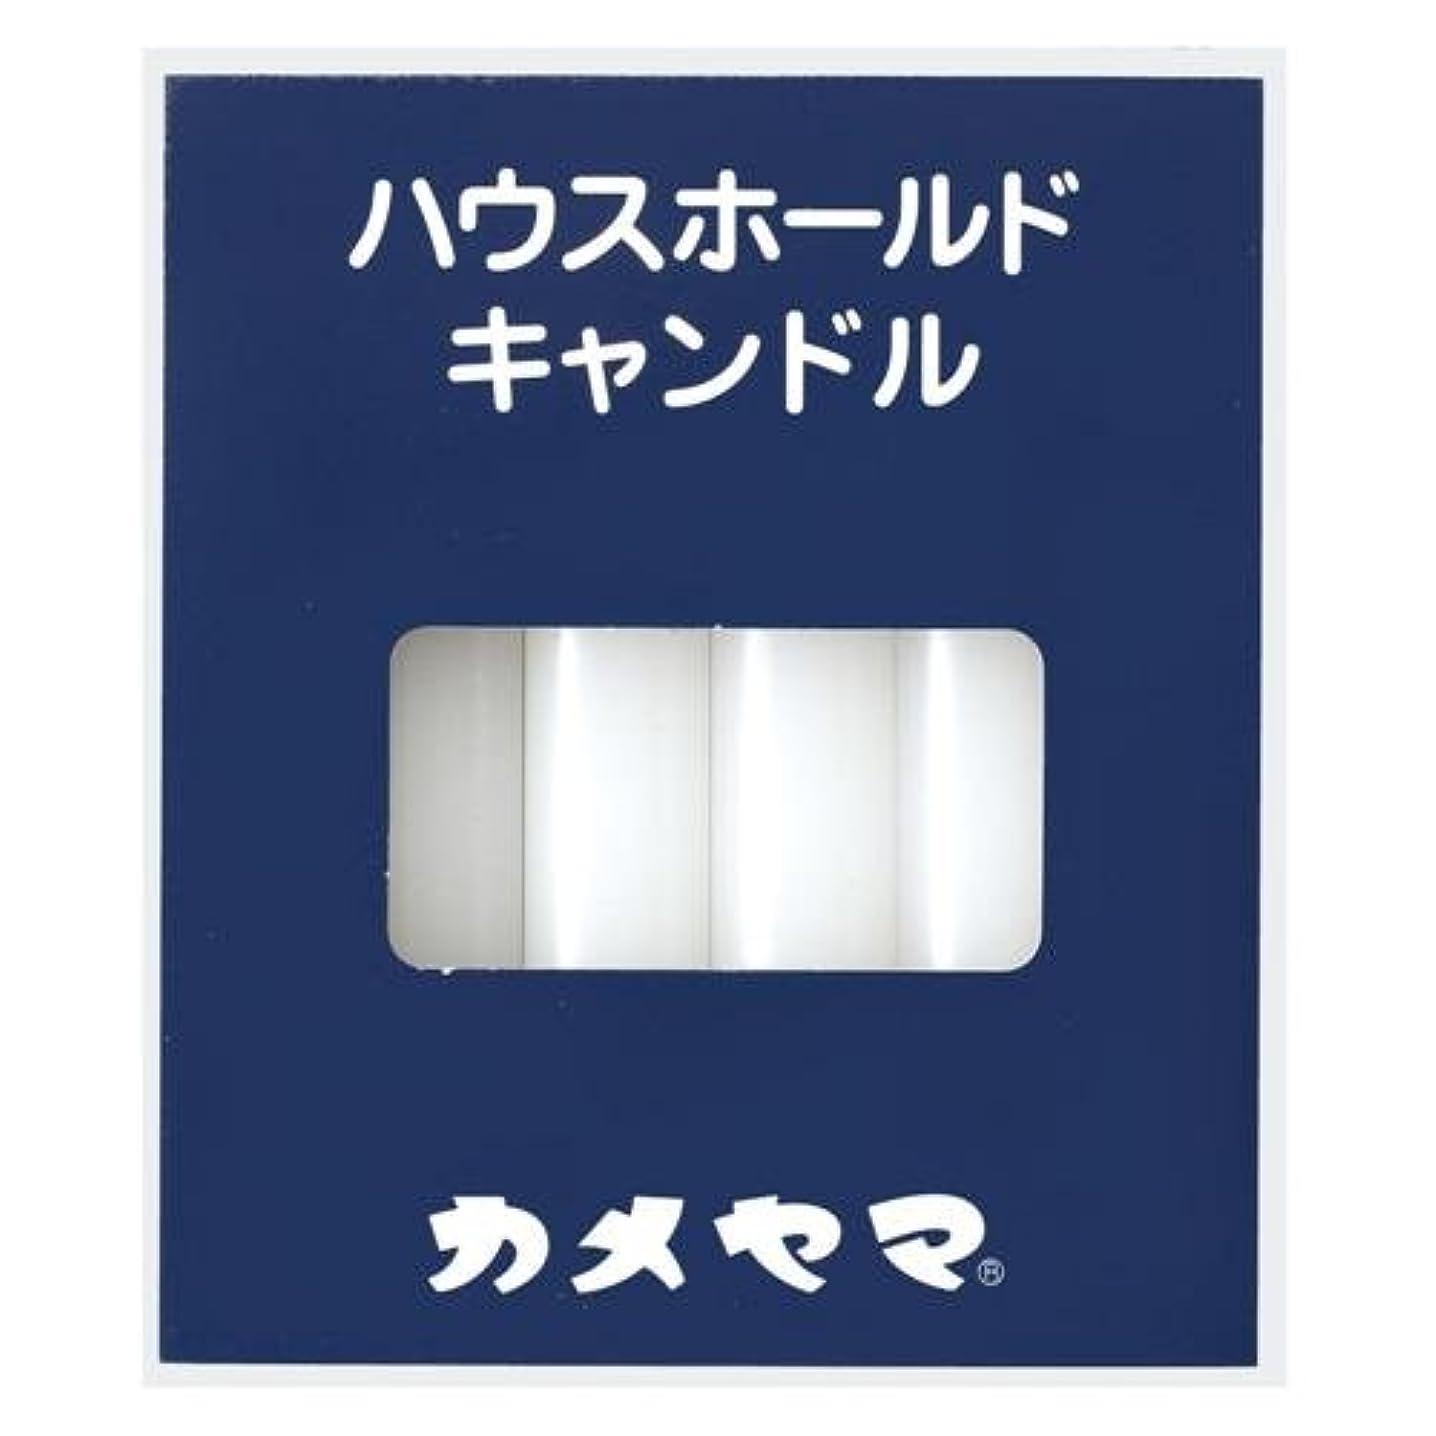 ベンチャー科学賞賛15号型 5インチハウスホールド